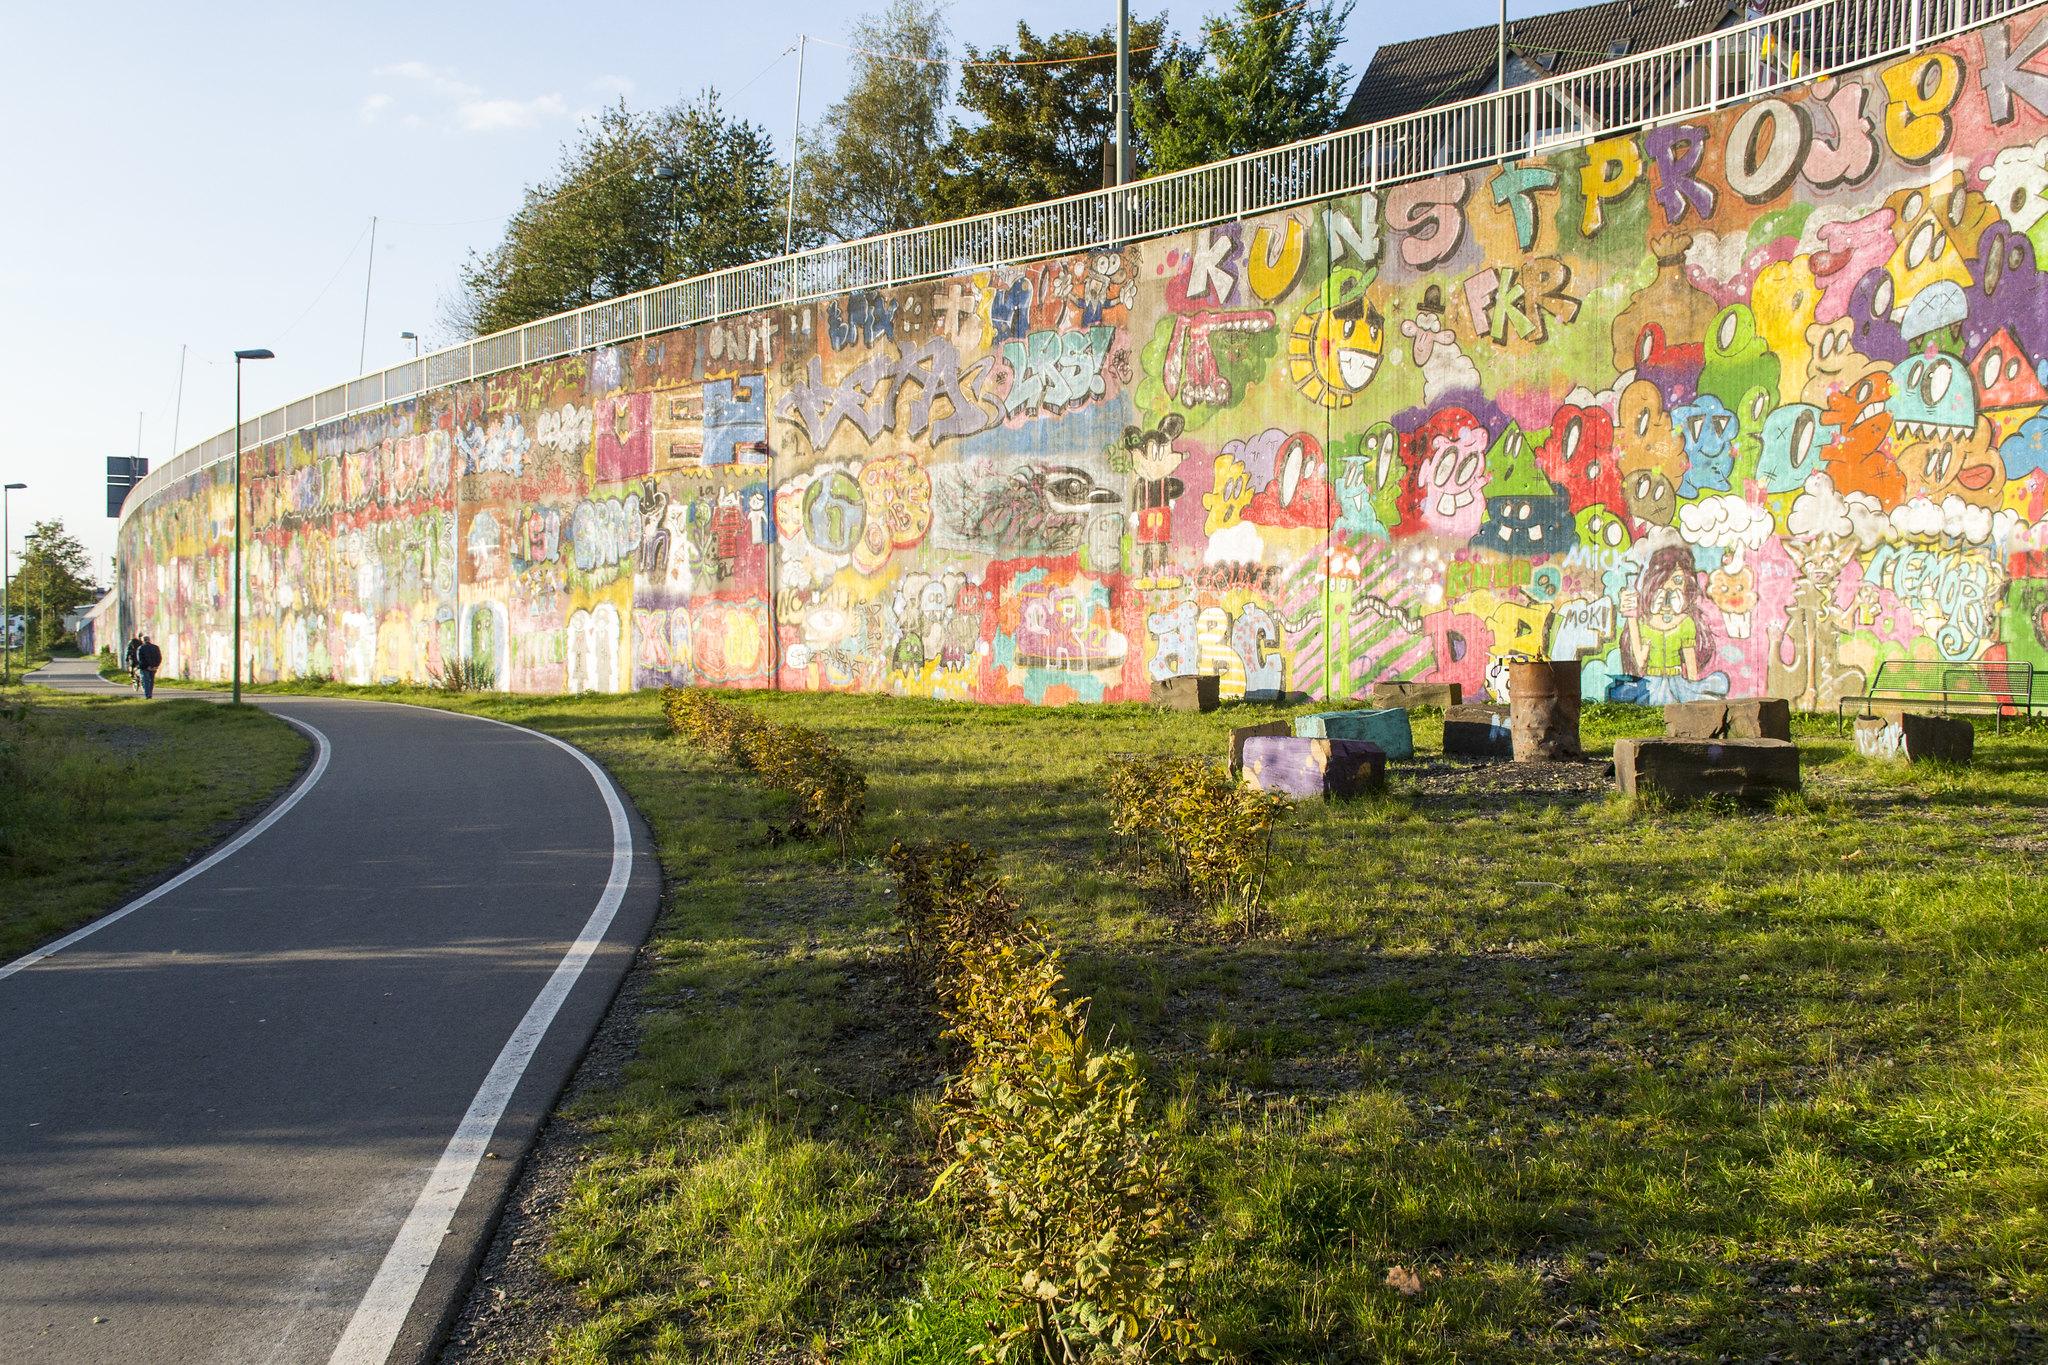 Wall Art/Art Wall: Nichts als Graffiti [Bildbeschreibung: links im Bild verläuft der Radweg, rechts von ihm befindet sich eine Wiese mit einigen einfachen Steinquadern als Sitzmöglichkeiten. Im Hintergrund ragt eine geschwungene Betonwand mit Geländer auf, die dem Straßenverlauf der höher gelegenen Straße folgt. Diese Wand ist voller Graffiti, vorwiegend Gesichtern.]